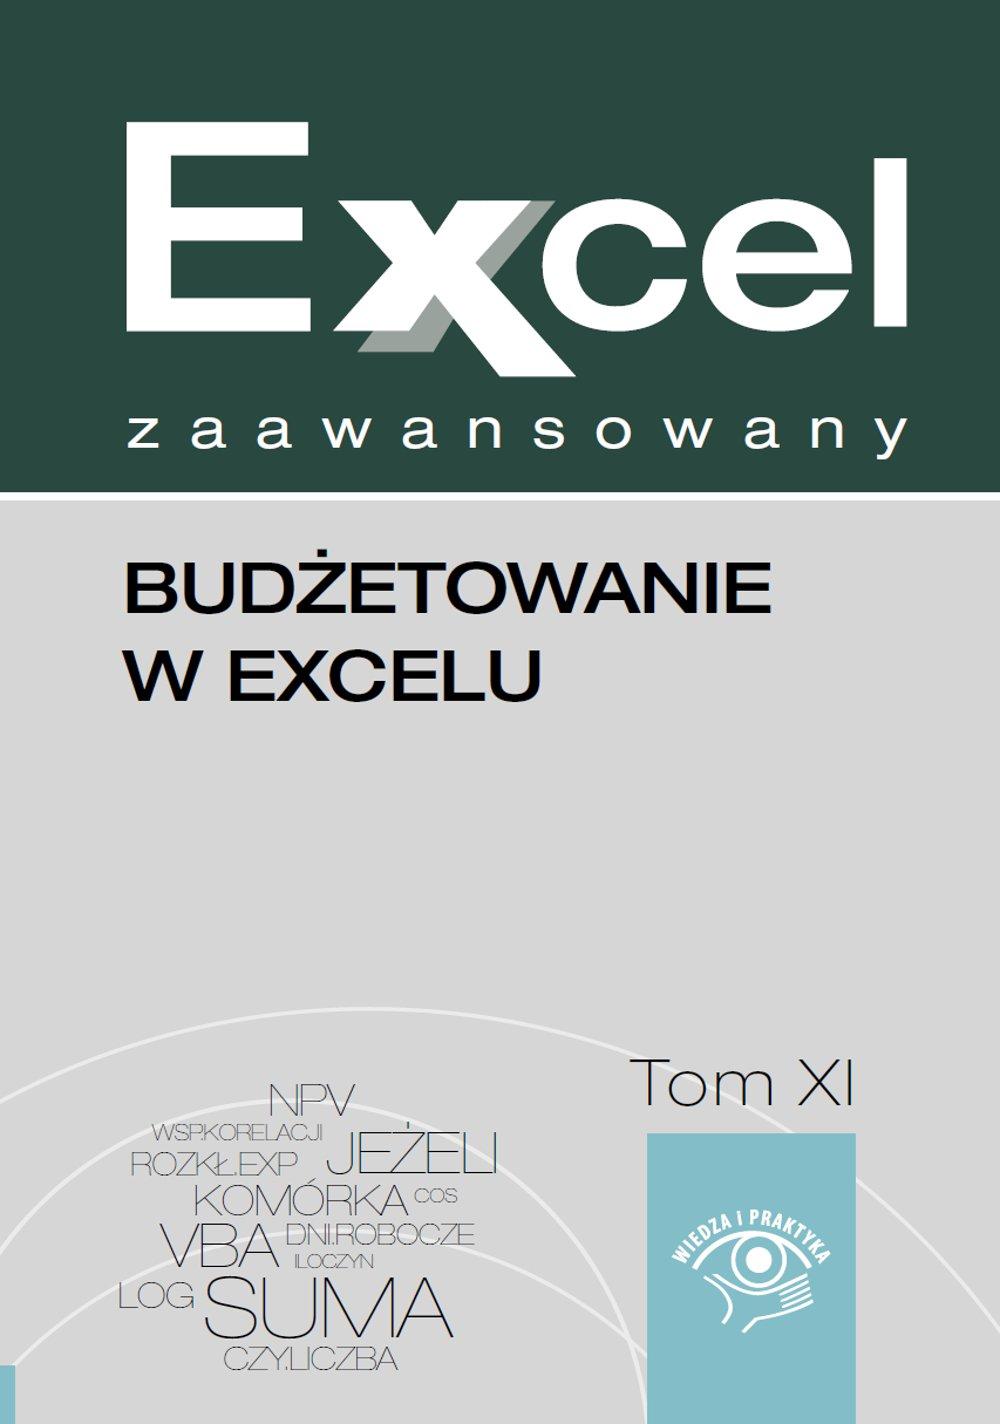 Budżetowanie w Excelu - Ebook (Książka na Kindle) do pobrania w formacie MOBI